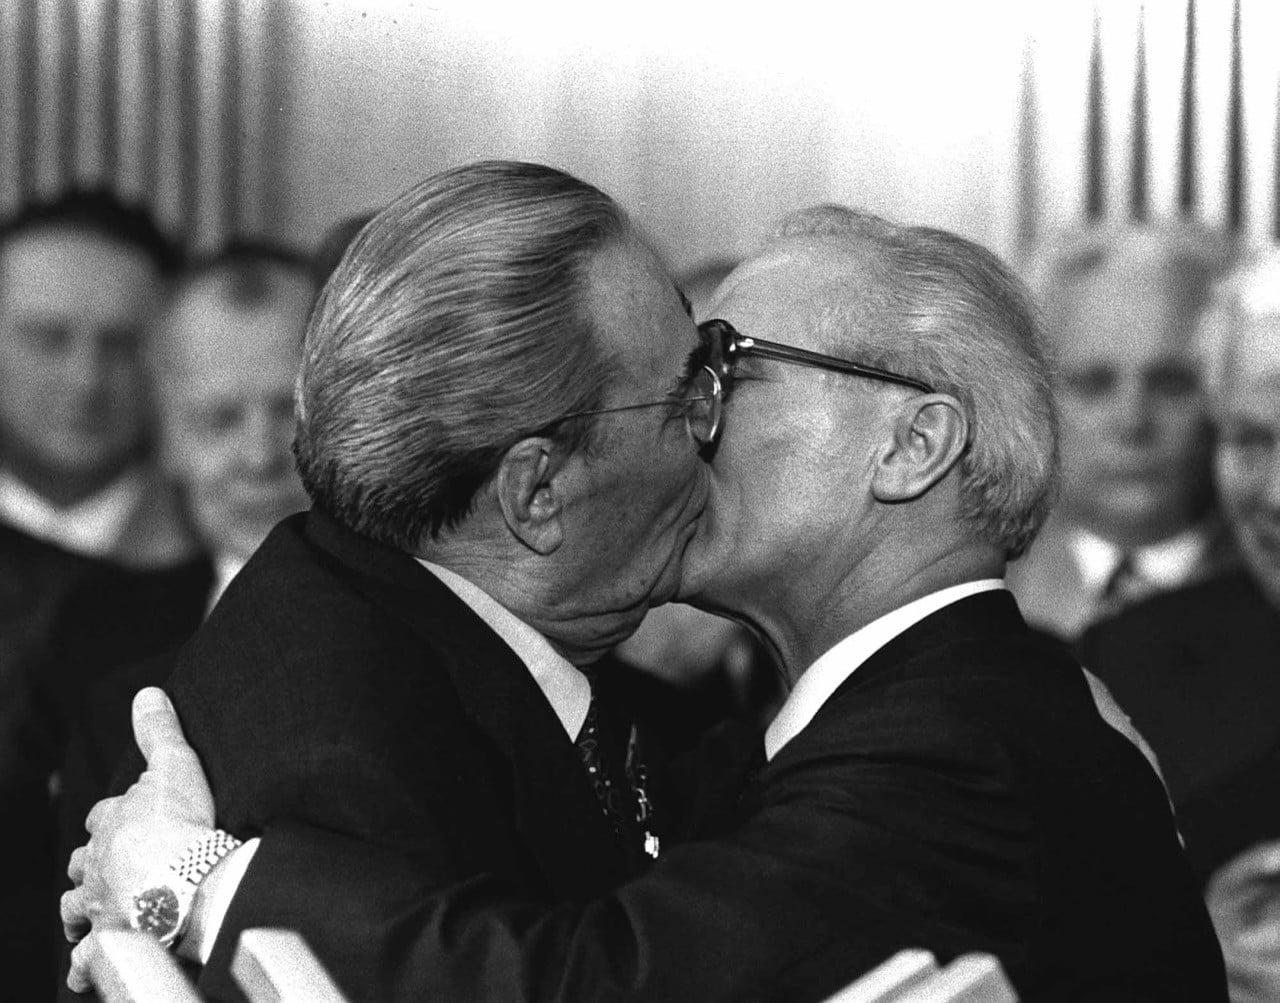 berlin duvarında öpüşen adamlar